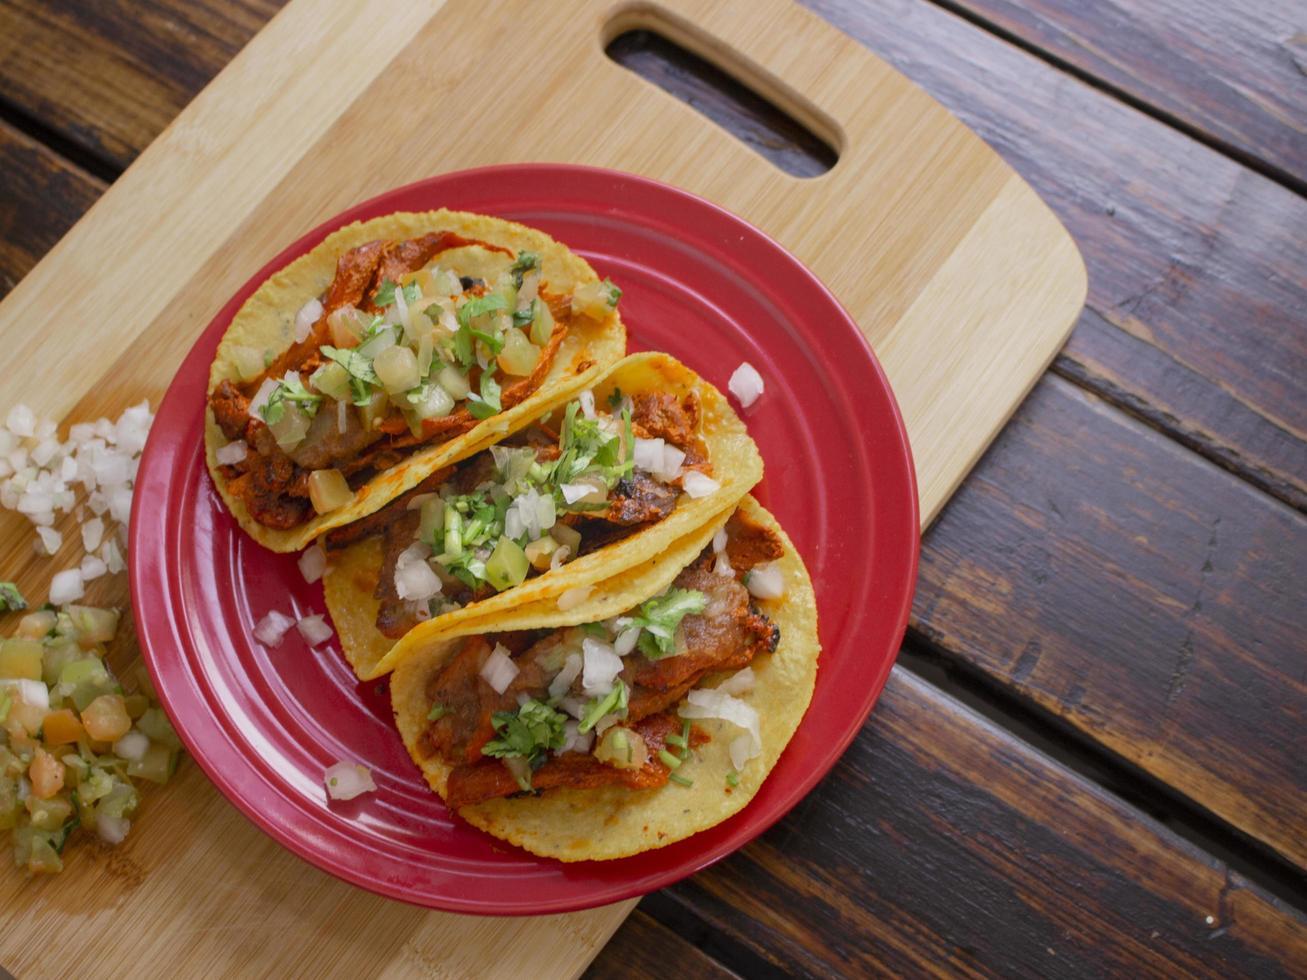 rundvlees taco's op een rode plaat foto